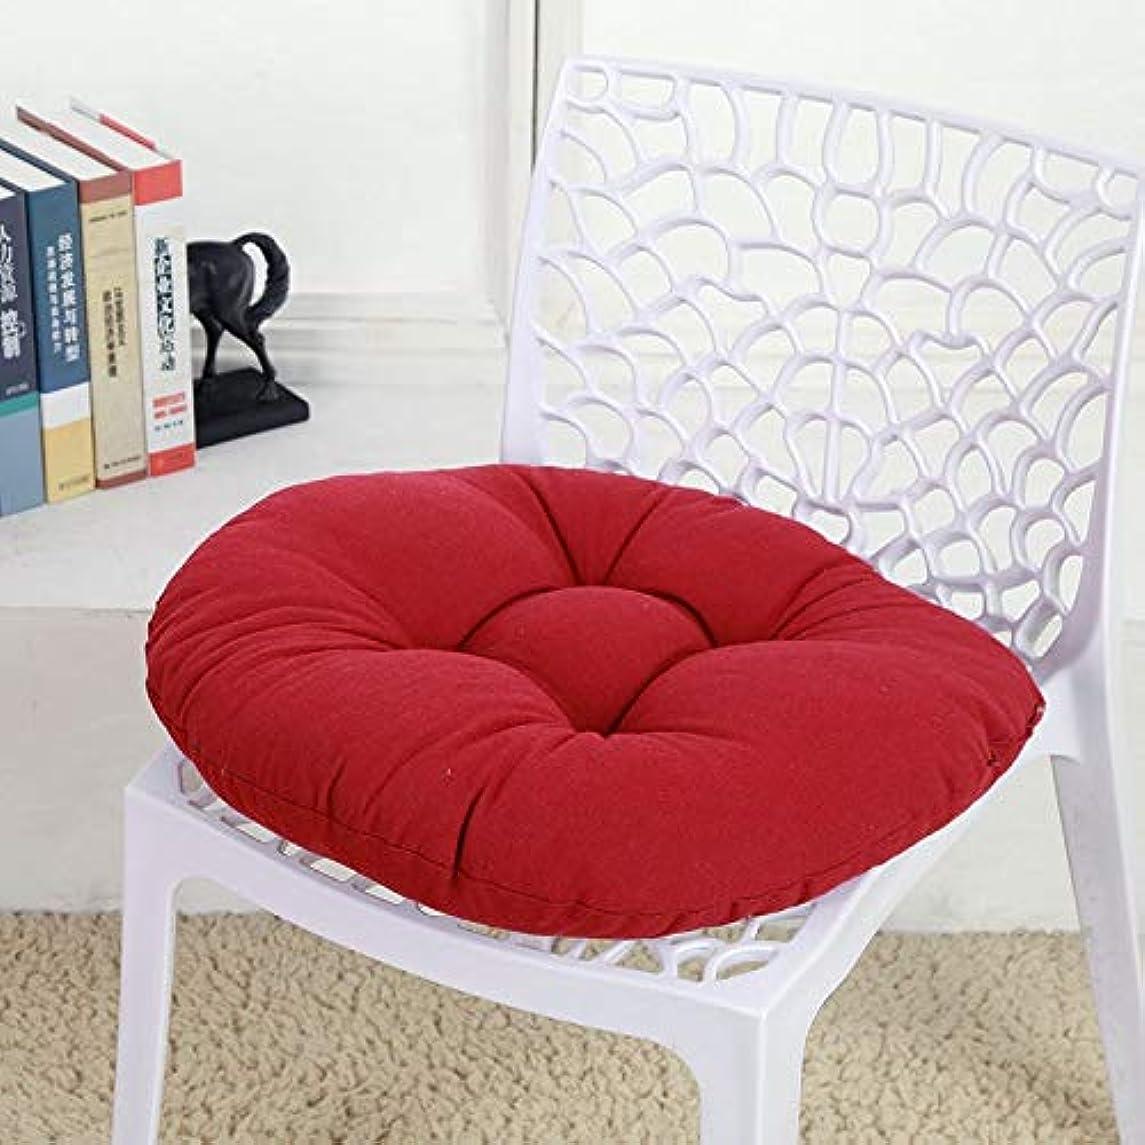 熱意大胆なミュウミュウLIFE キャンディカラーのクッションラウンドシートクッション波ウィンドウシートクッションクッション家の装飾パッドラウンド枕シート枕椅子座る枕 クッション 椅子